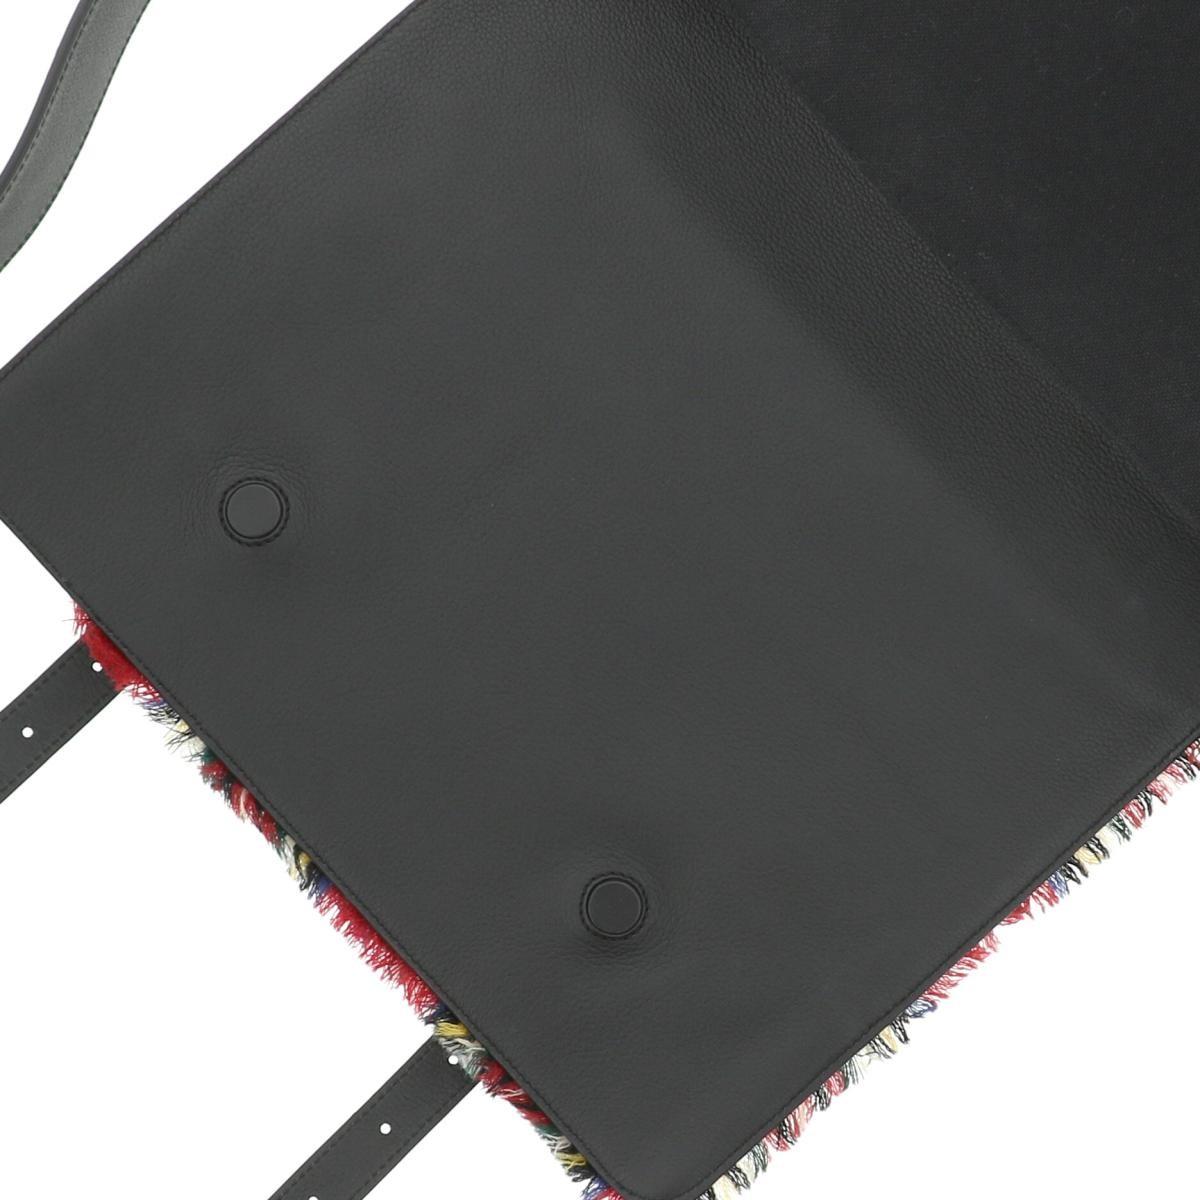 【即日発送・水曜定休日・木曜発送】【美品】【オススメ】【RI】 LOEWE (ロエベ) マルチメッセンジャー スモール バッグ ショルダー/メッセンジャーバッグ MILIT MESSENGER Black/ブラック 319.63.N64 used:A